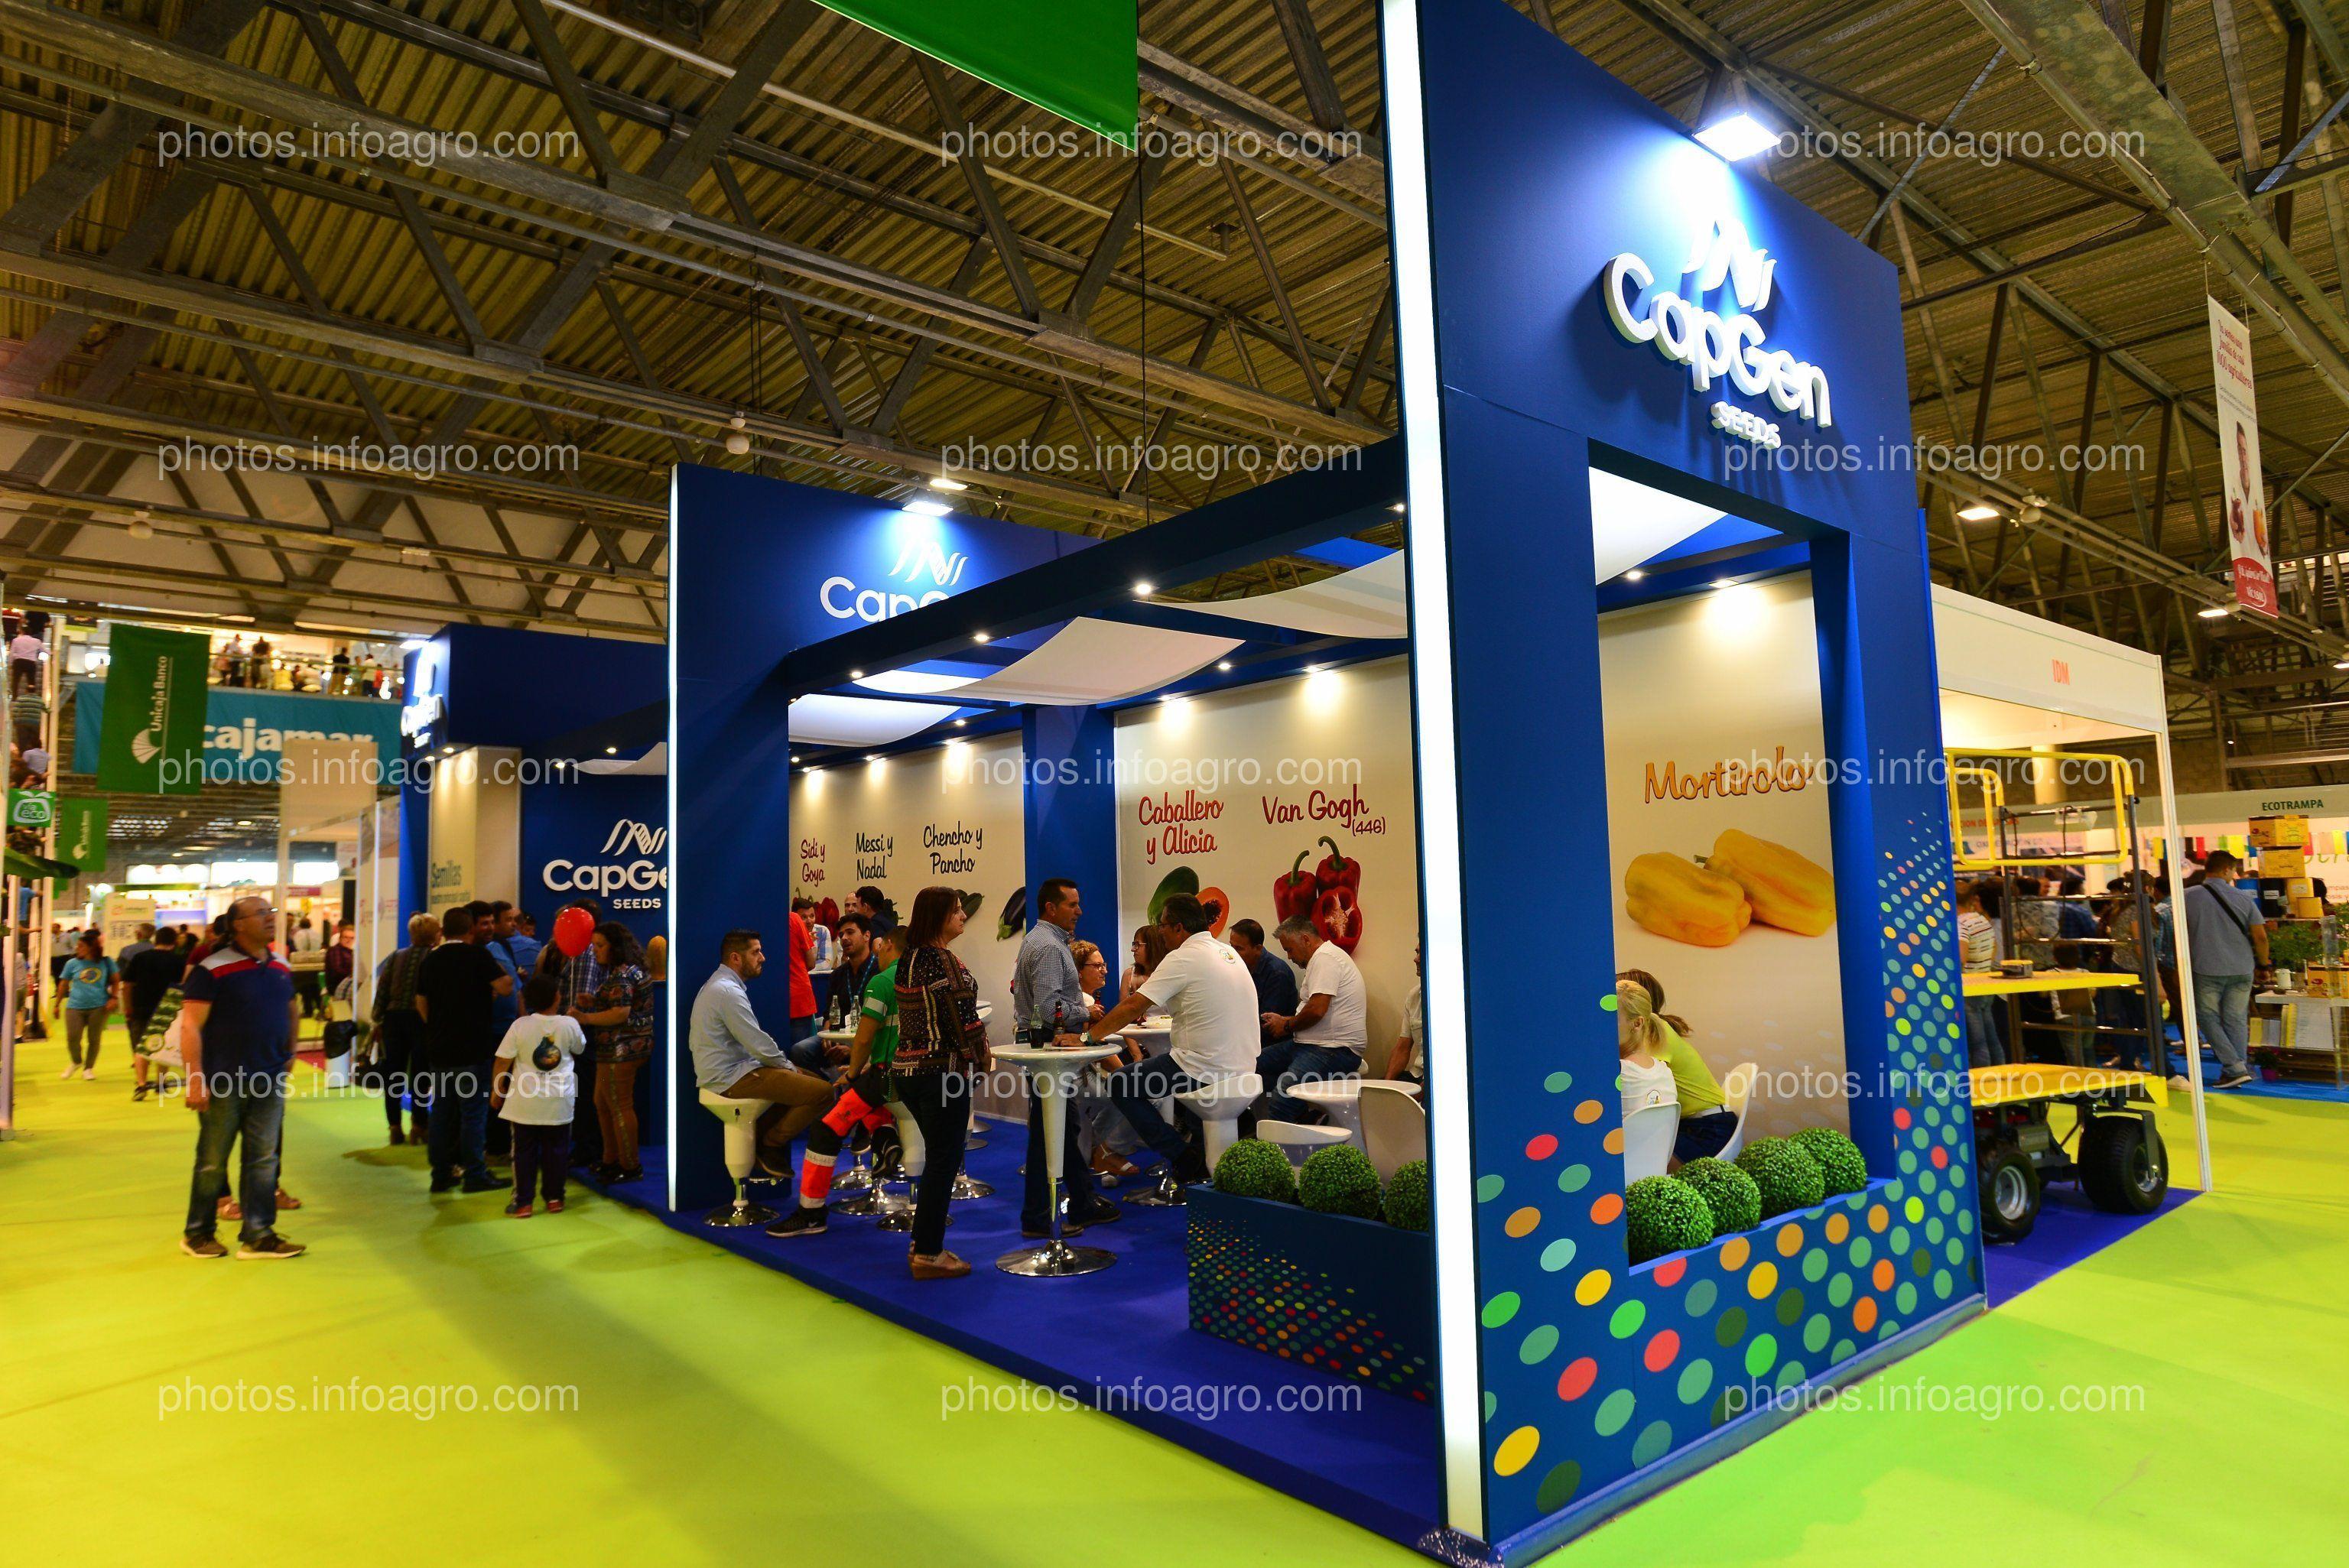 Capgen Seeds - Stand Infoagro Exhibition